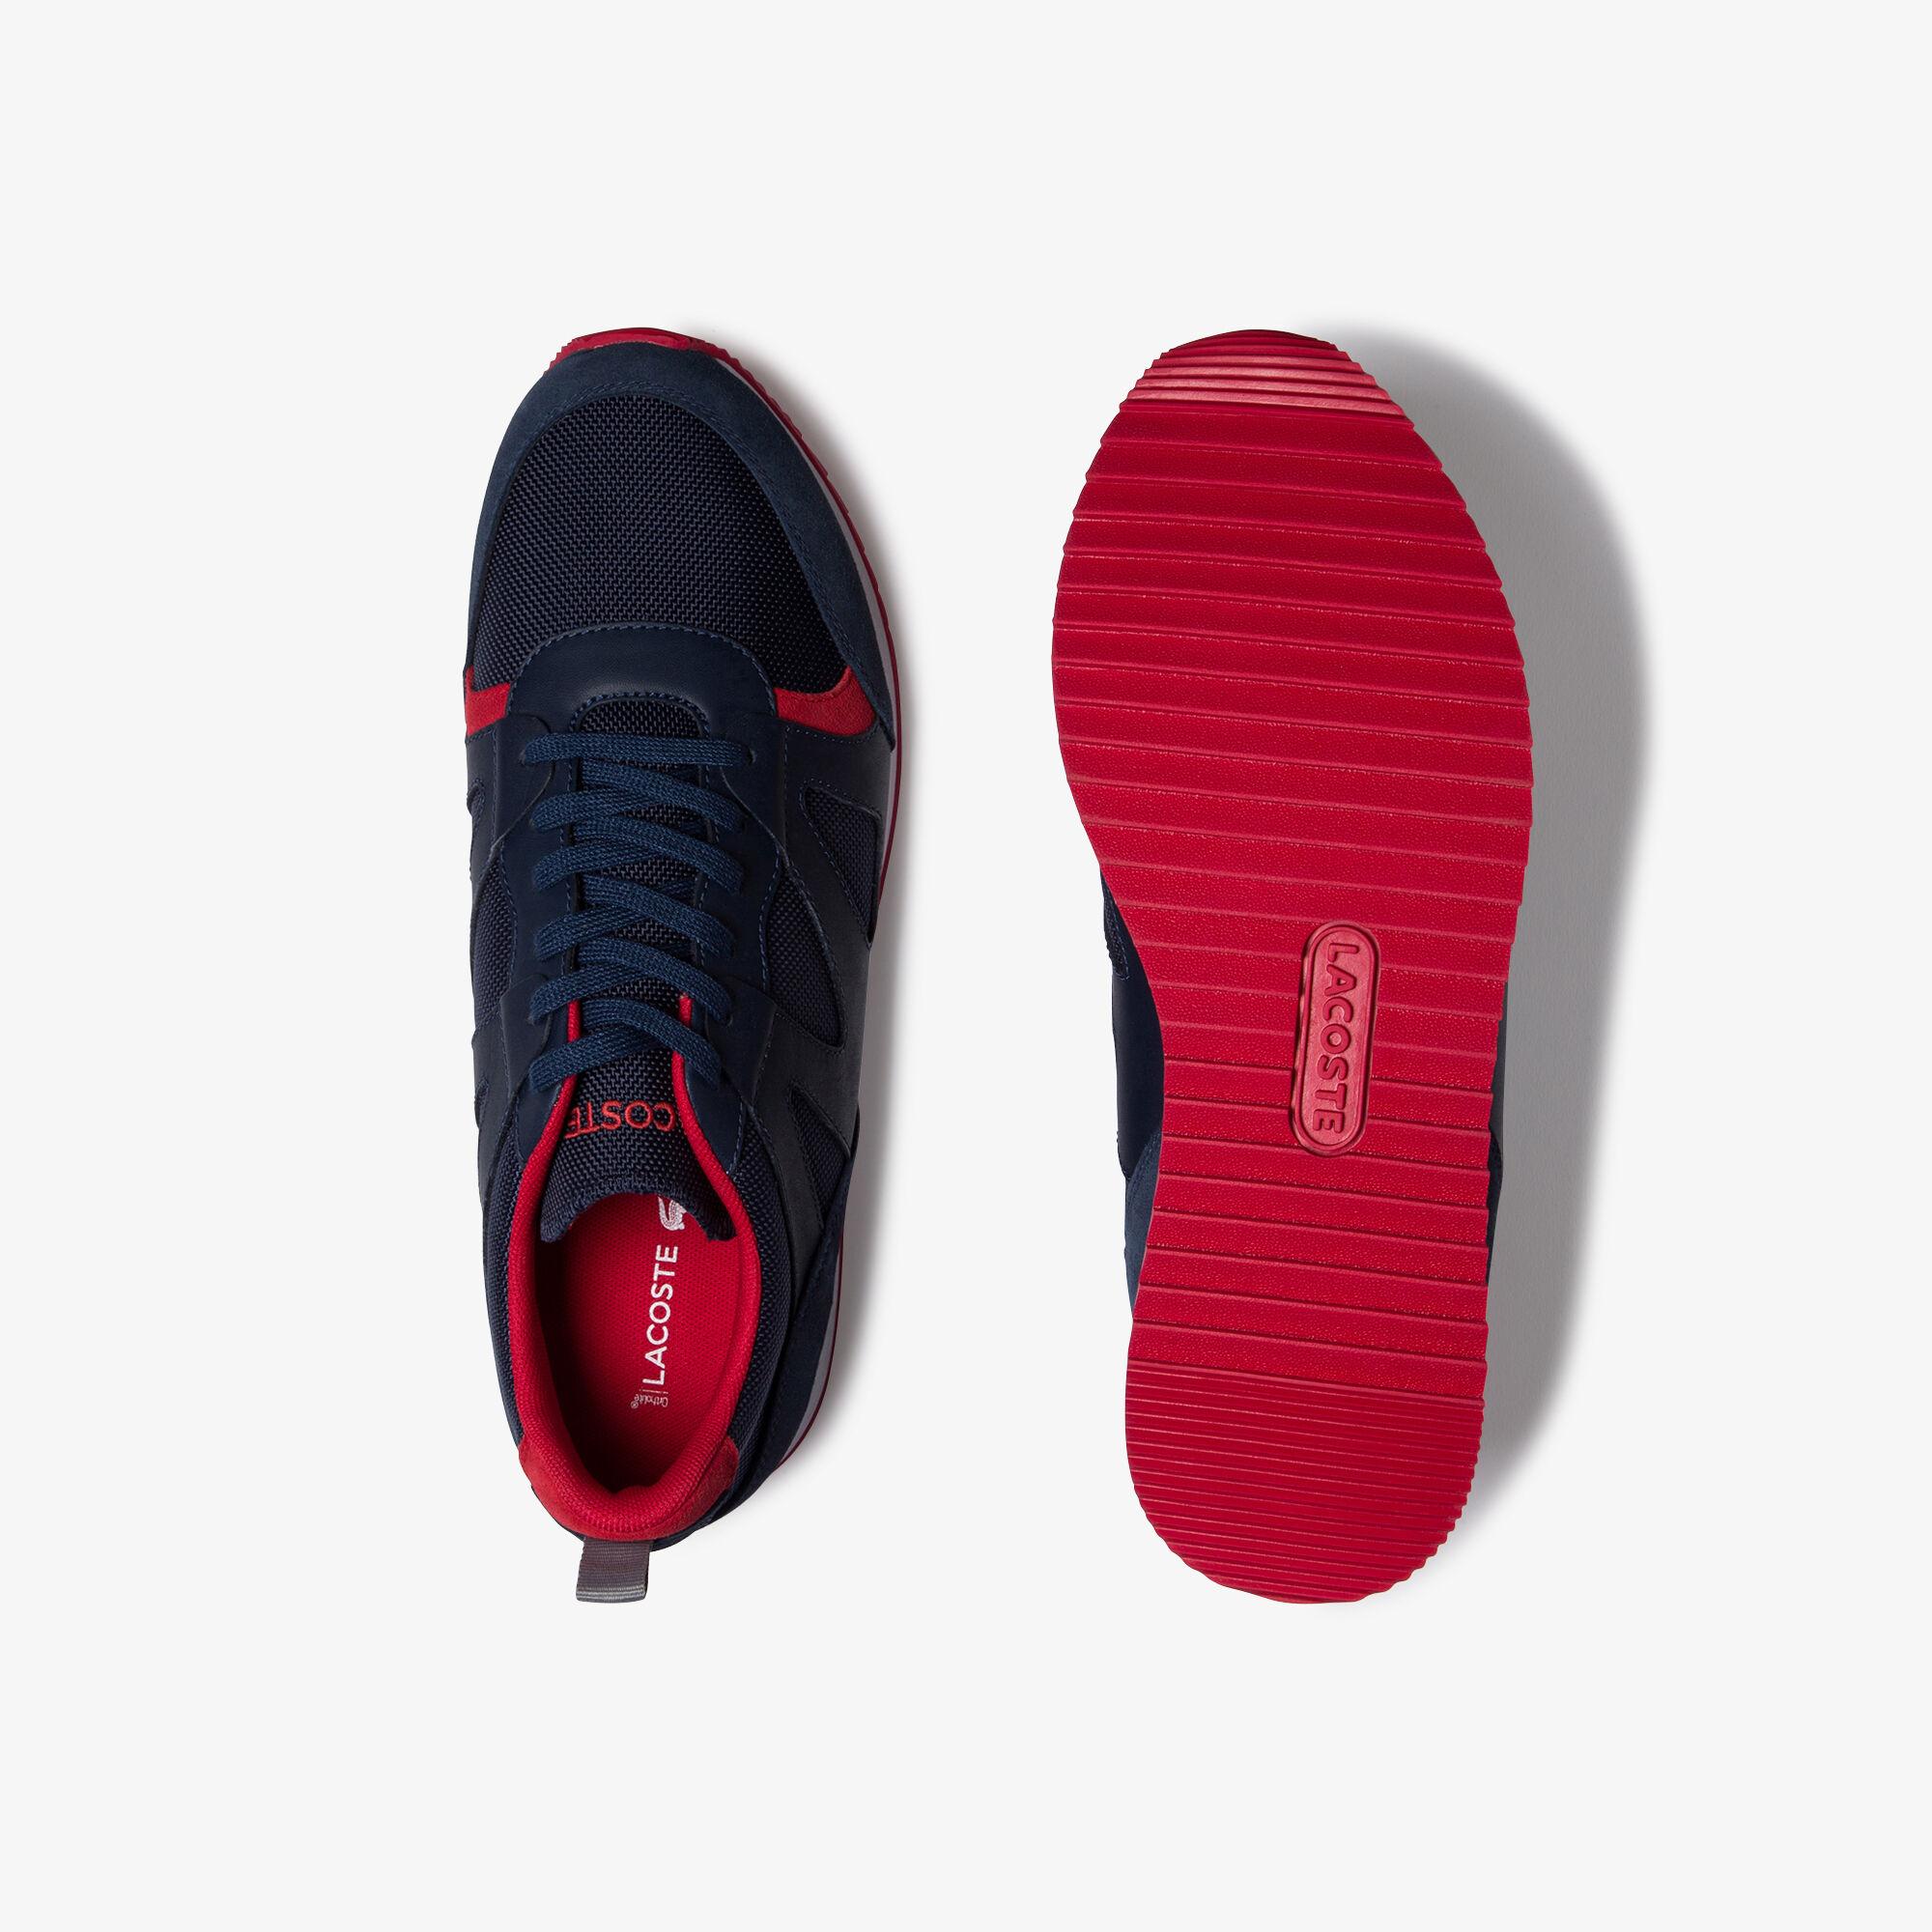 حذاءرياضي من القماش والجلد المدبوغ من مجموعة Aesthet للرجال